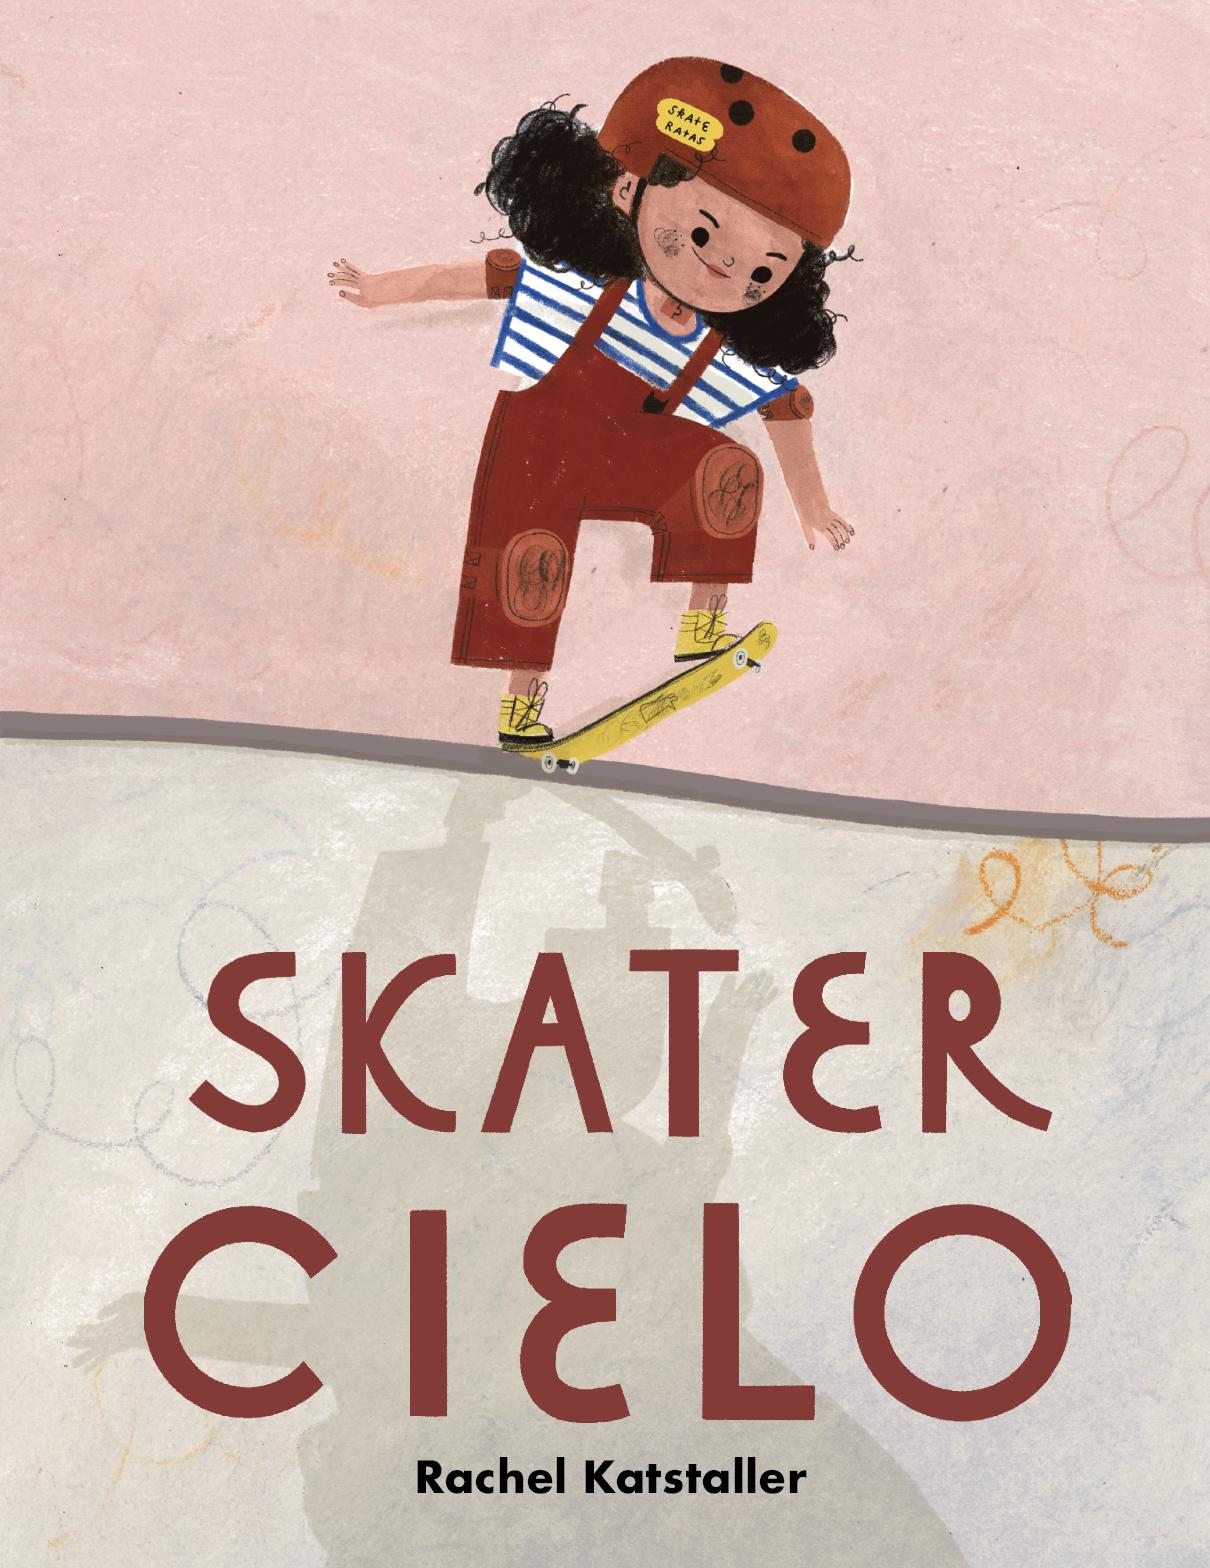 skater cielo cover art